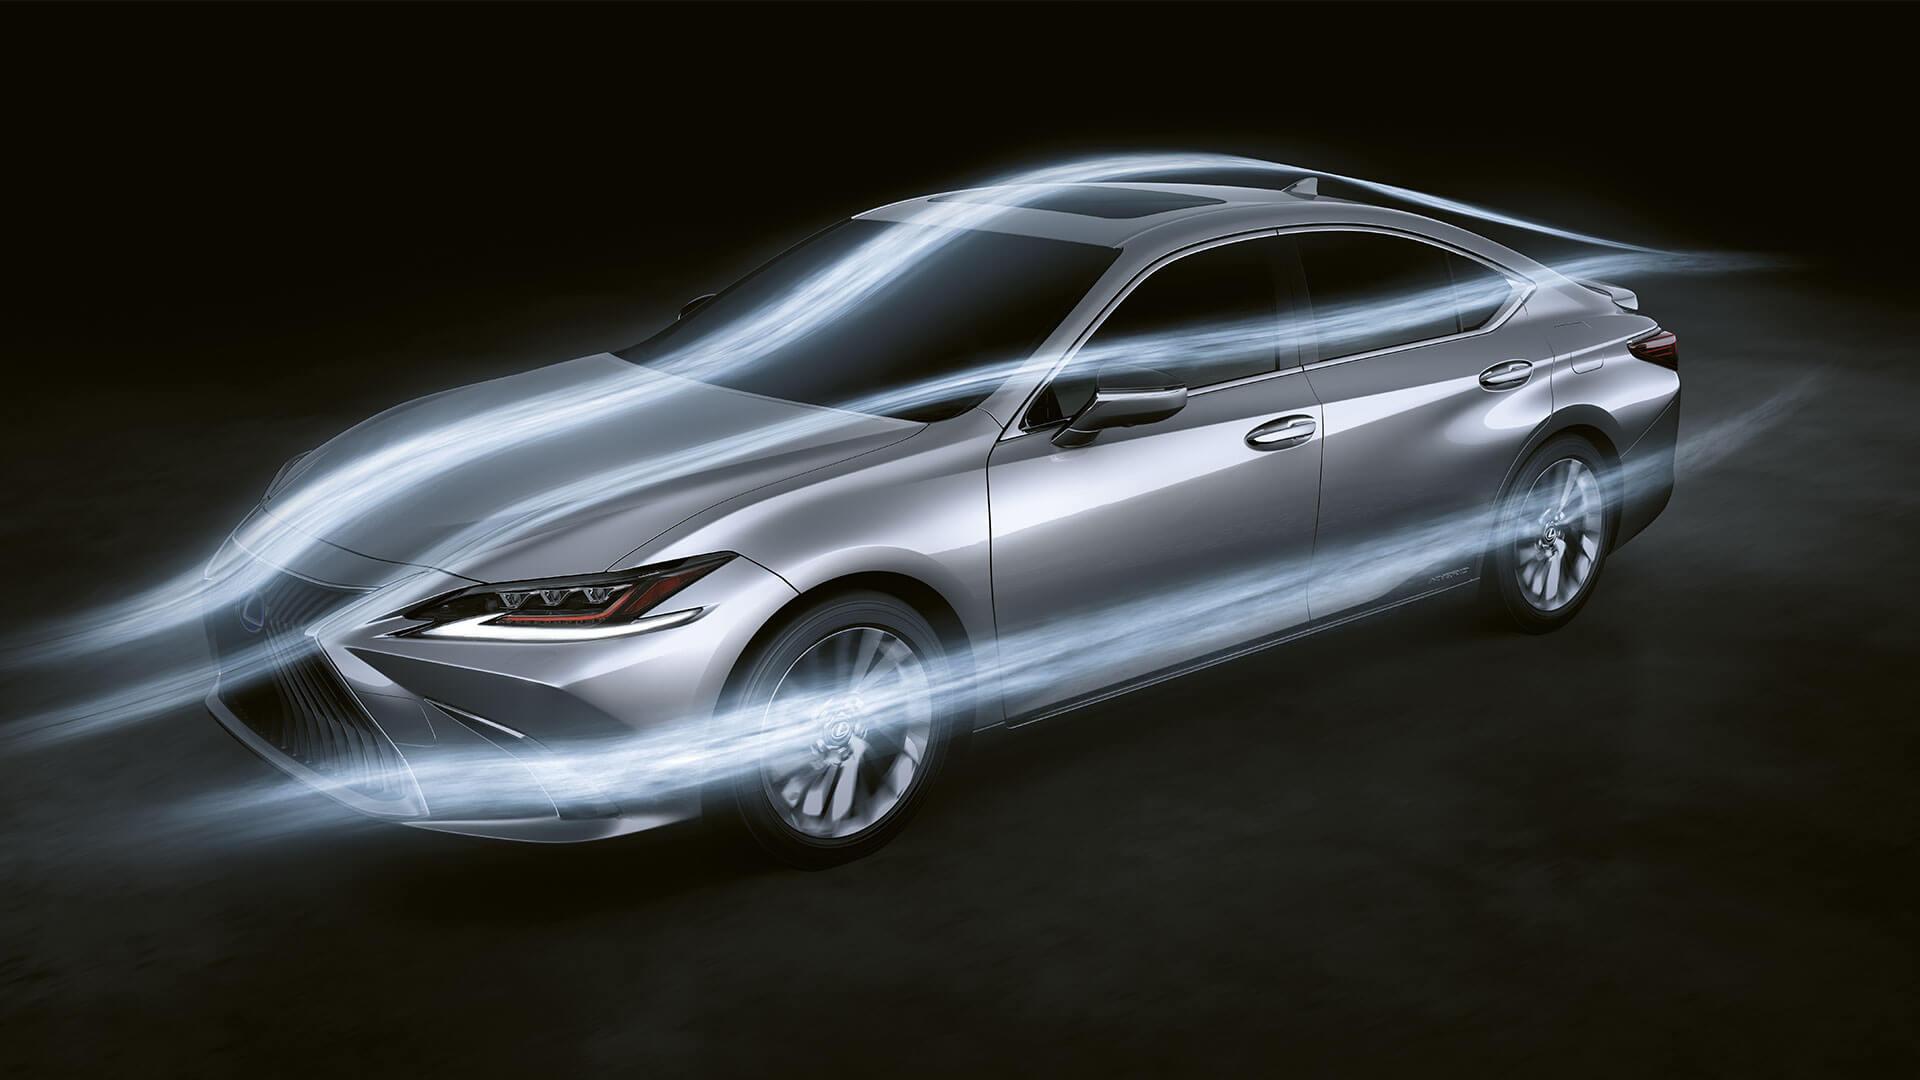 2019 lexus es hybrid experience feature aerodynamics